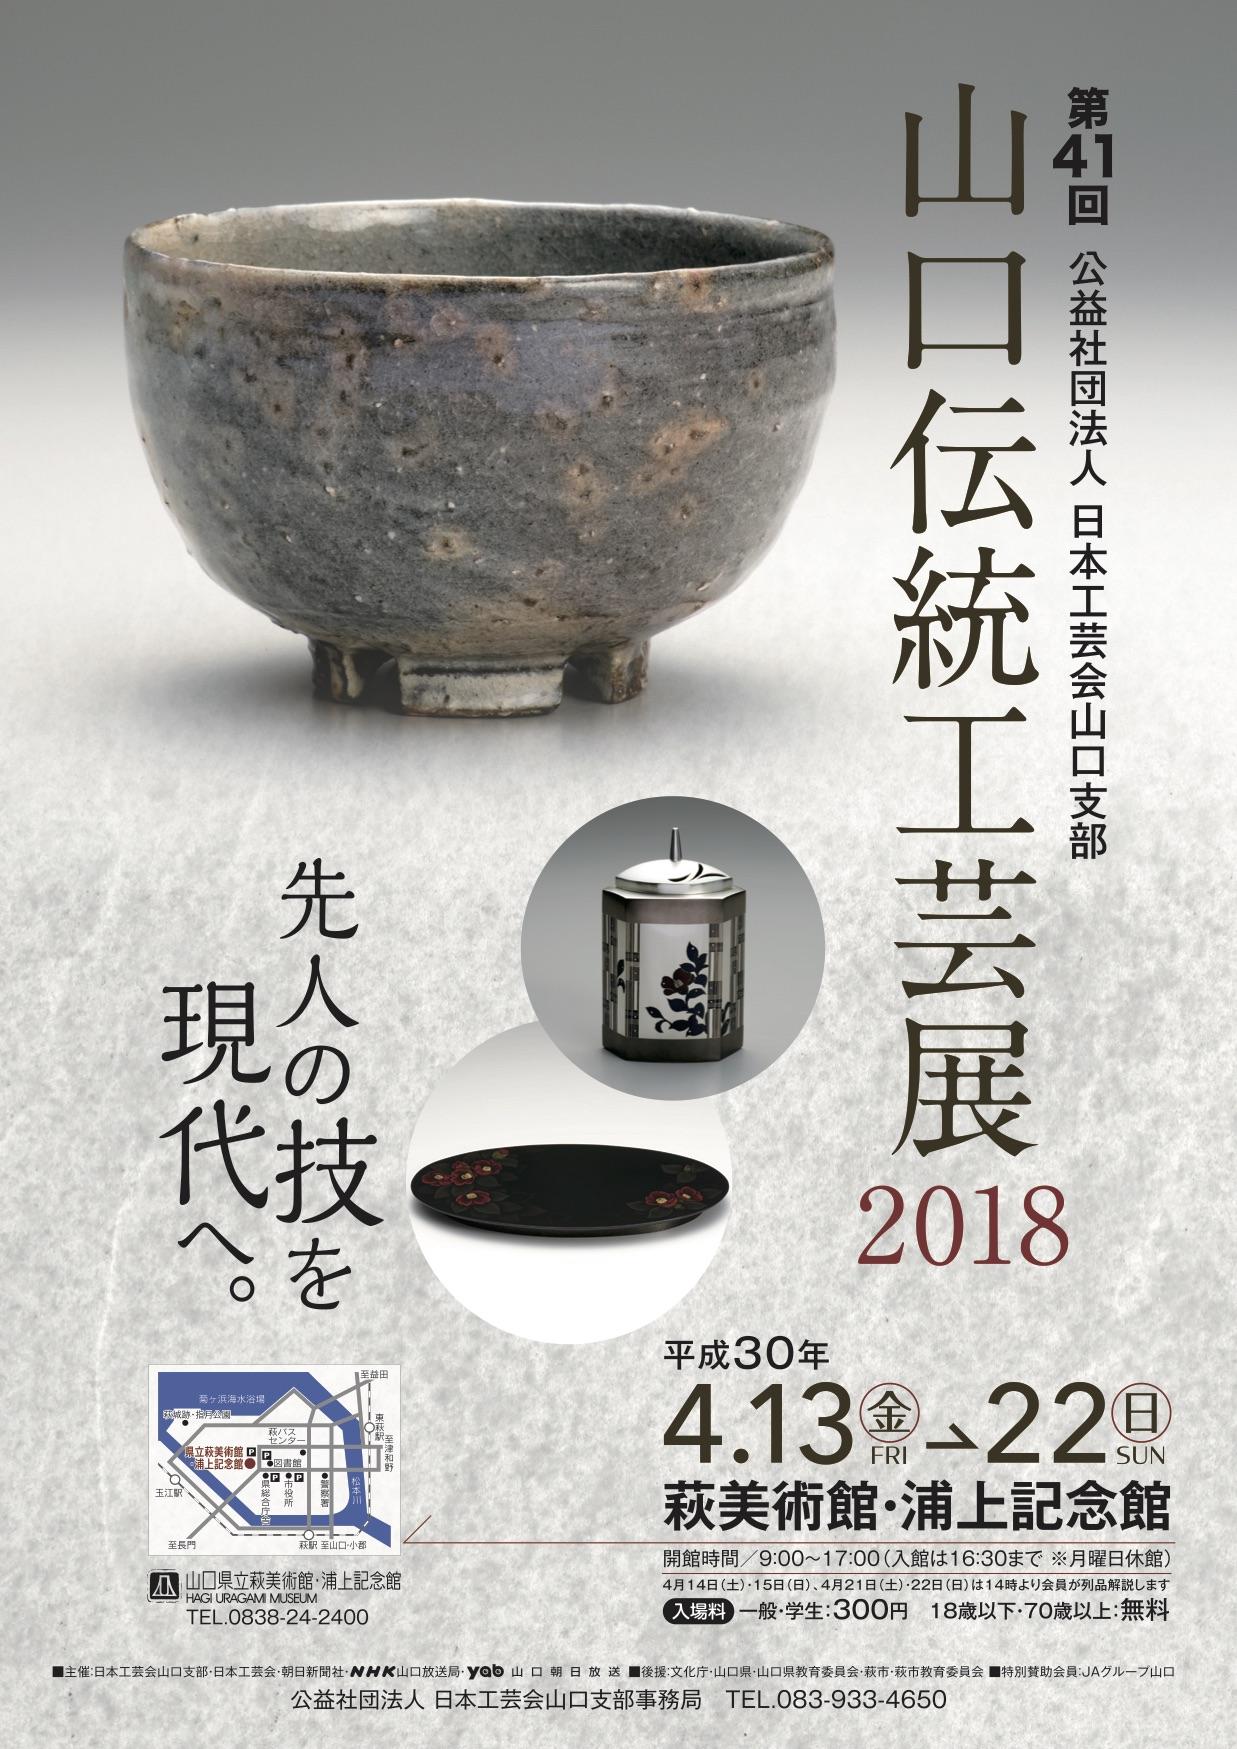 第41回山口伝統工芸展